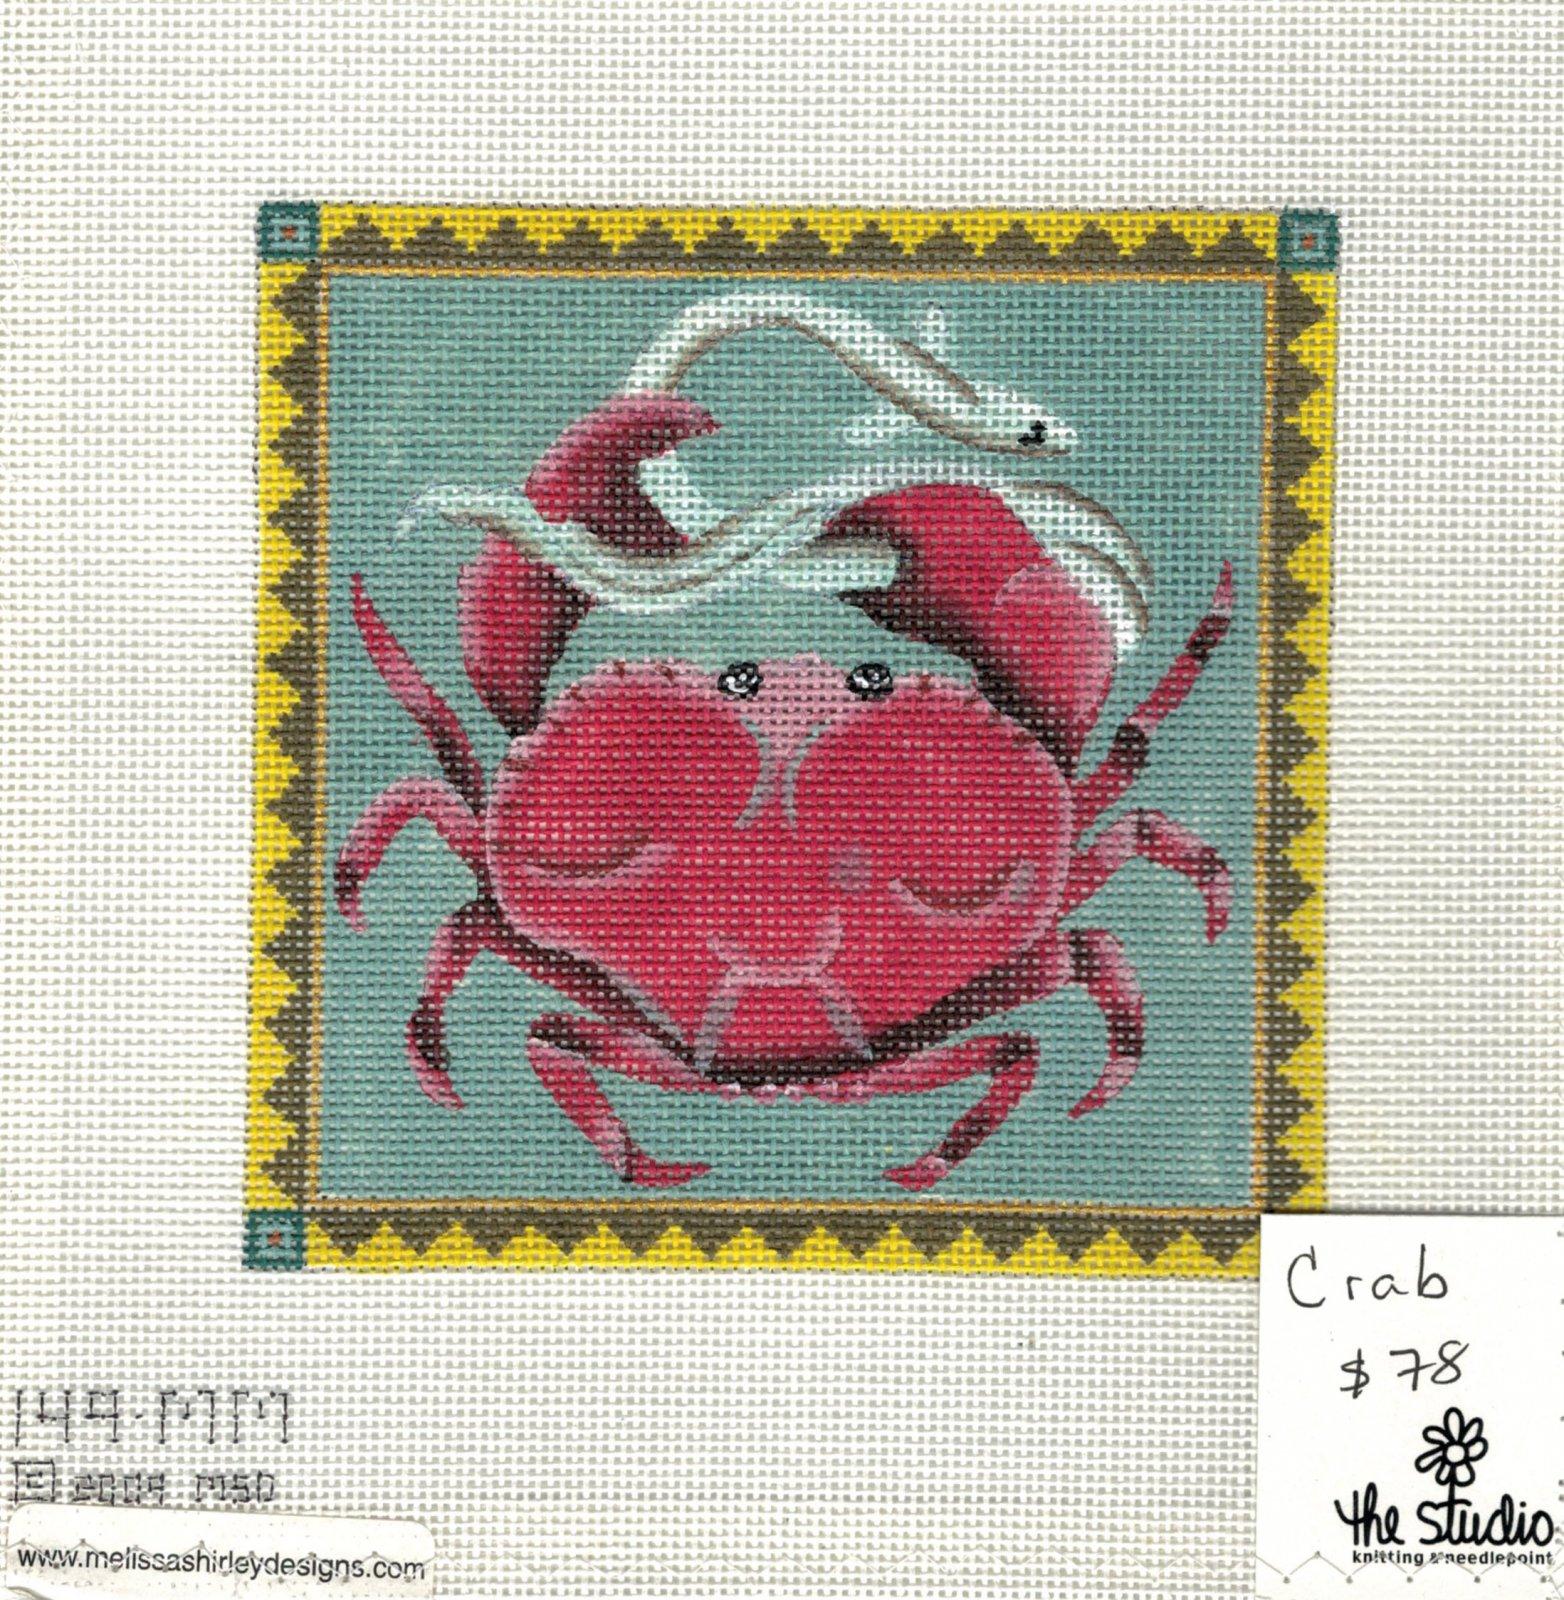 Crab - 18M